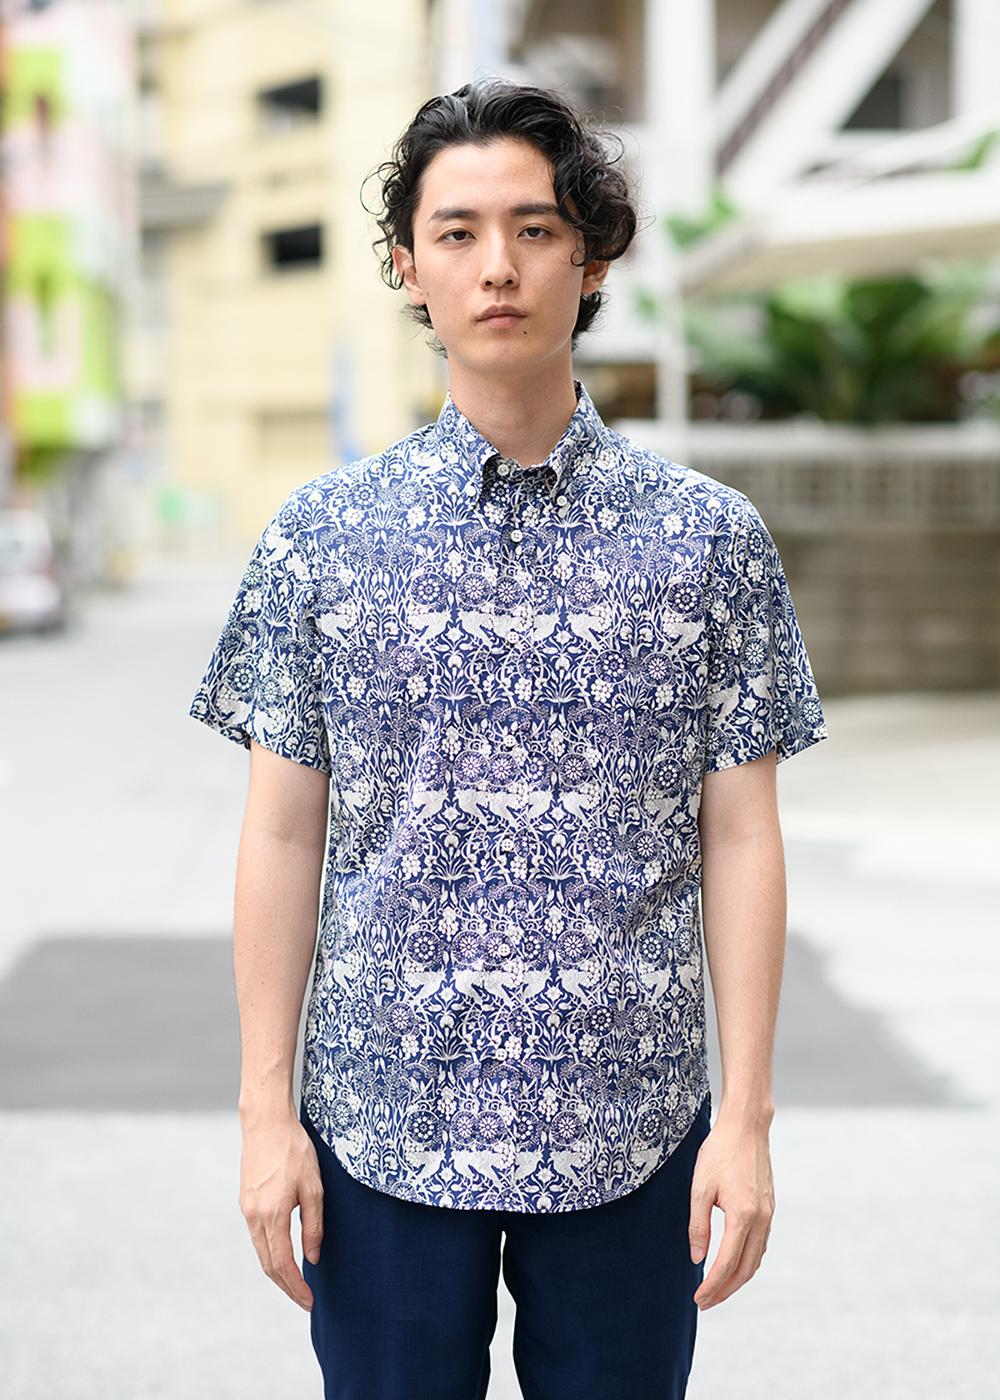 かりゆしウェア(沖縄版アロハシャツ) MAJUN - ジャックス・リュウキュウ・フローラル